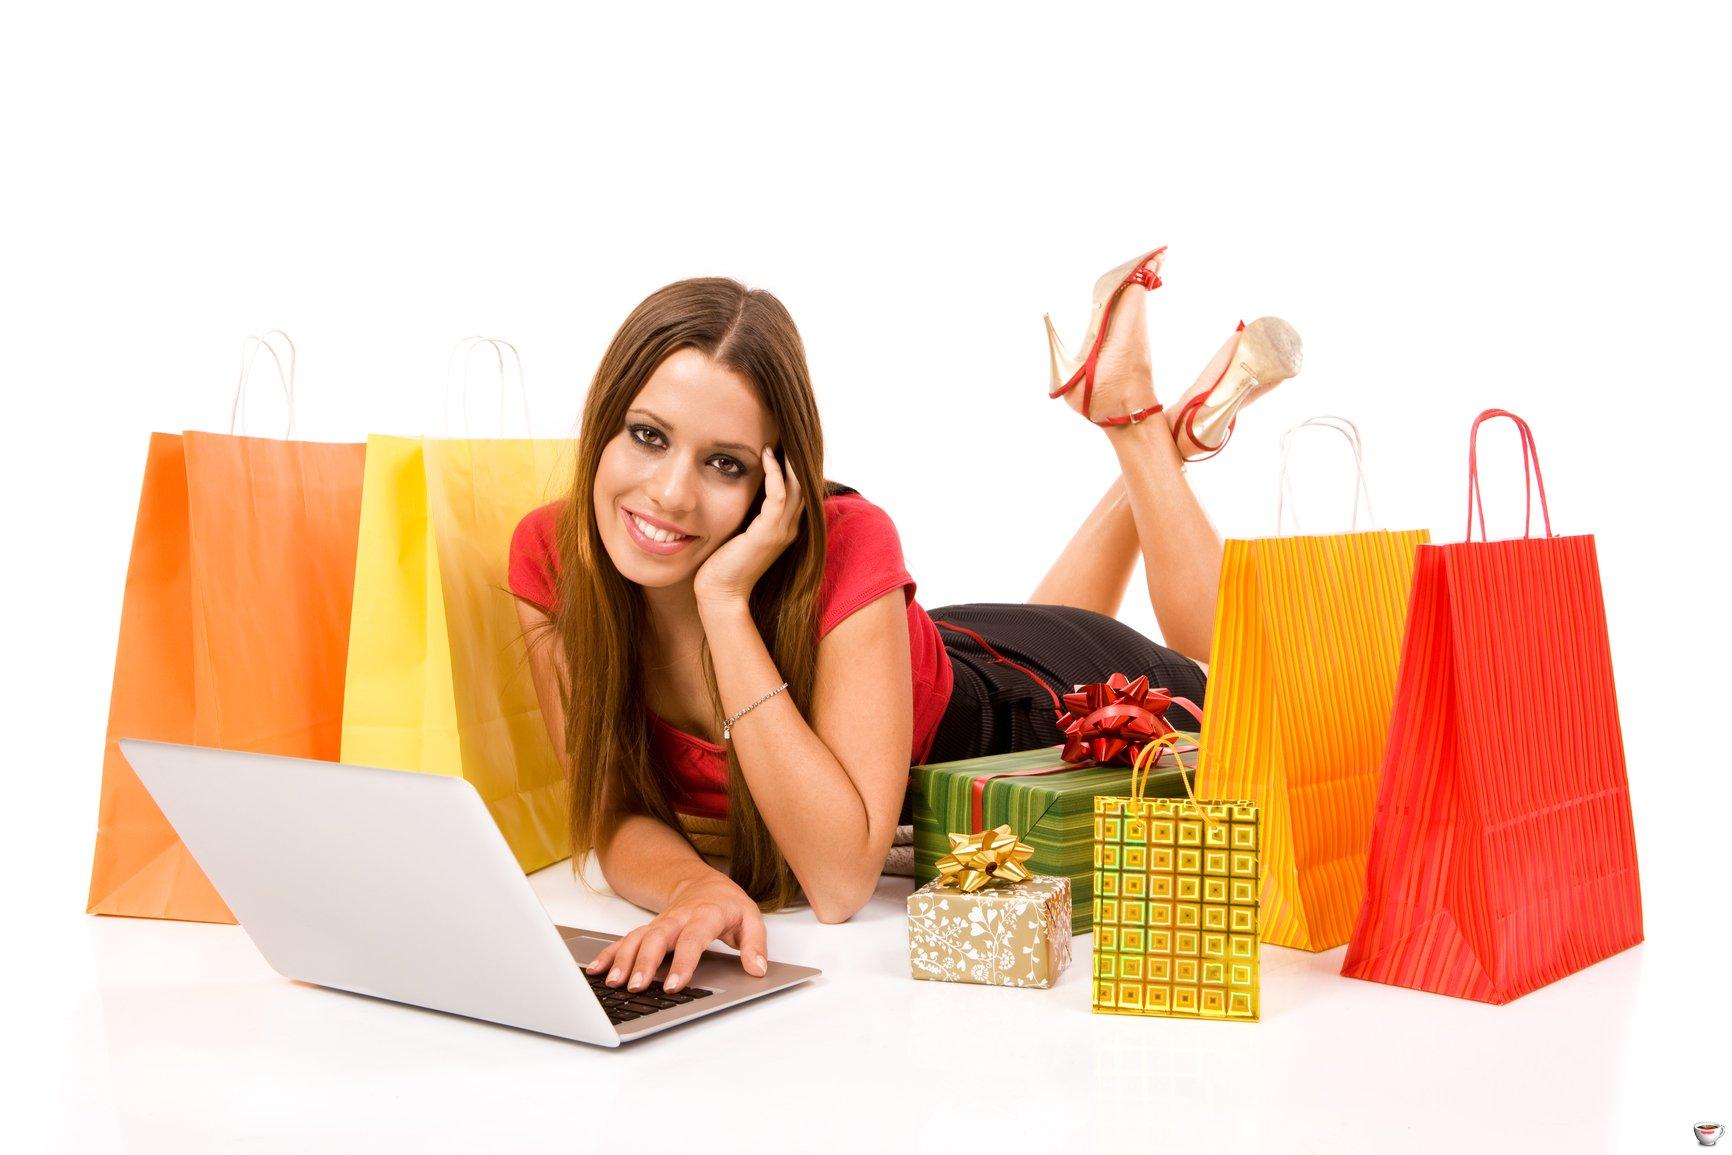 Как создать интернет -магазин самому бесплатно - пошаговая инструкция